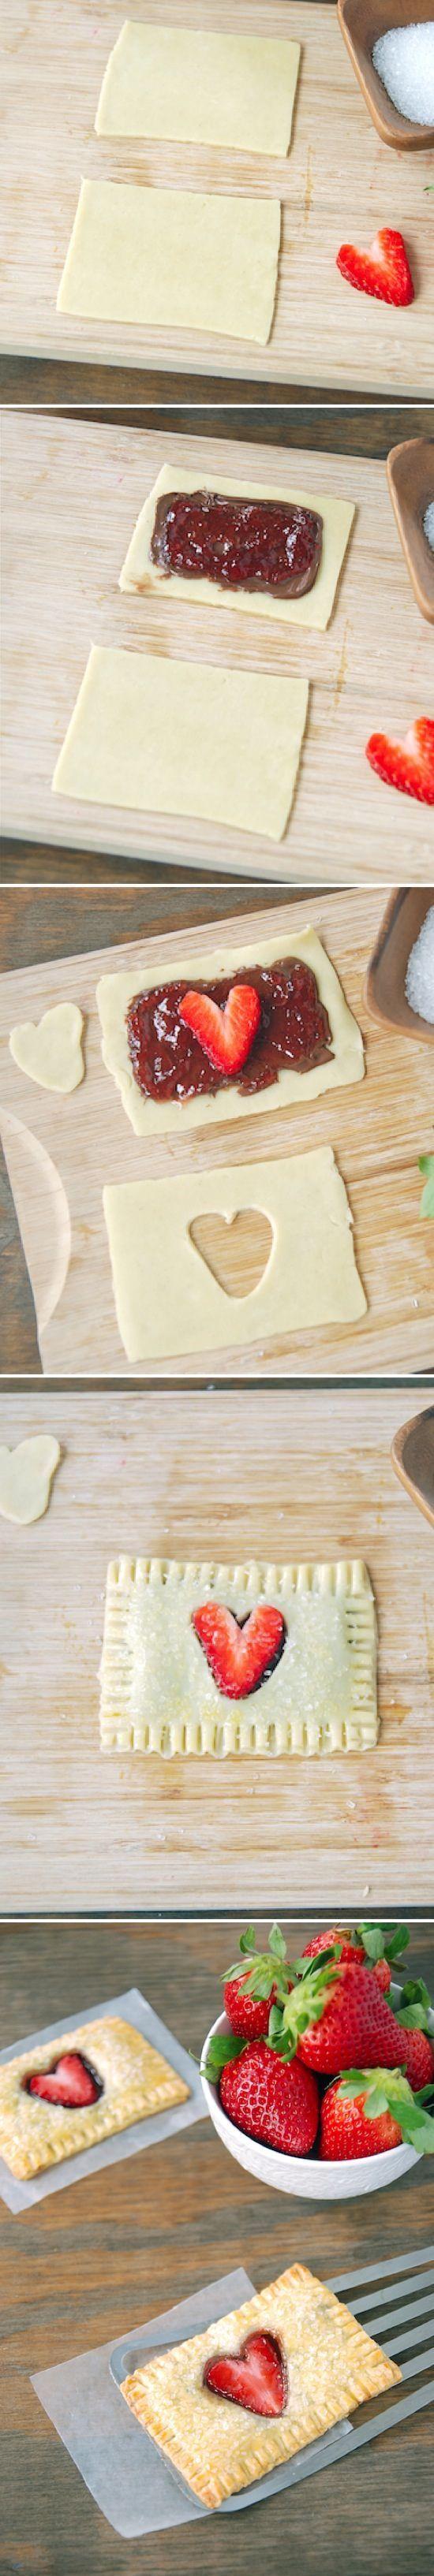 Nutella e Morangos